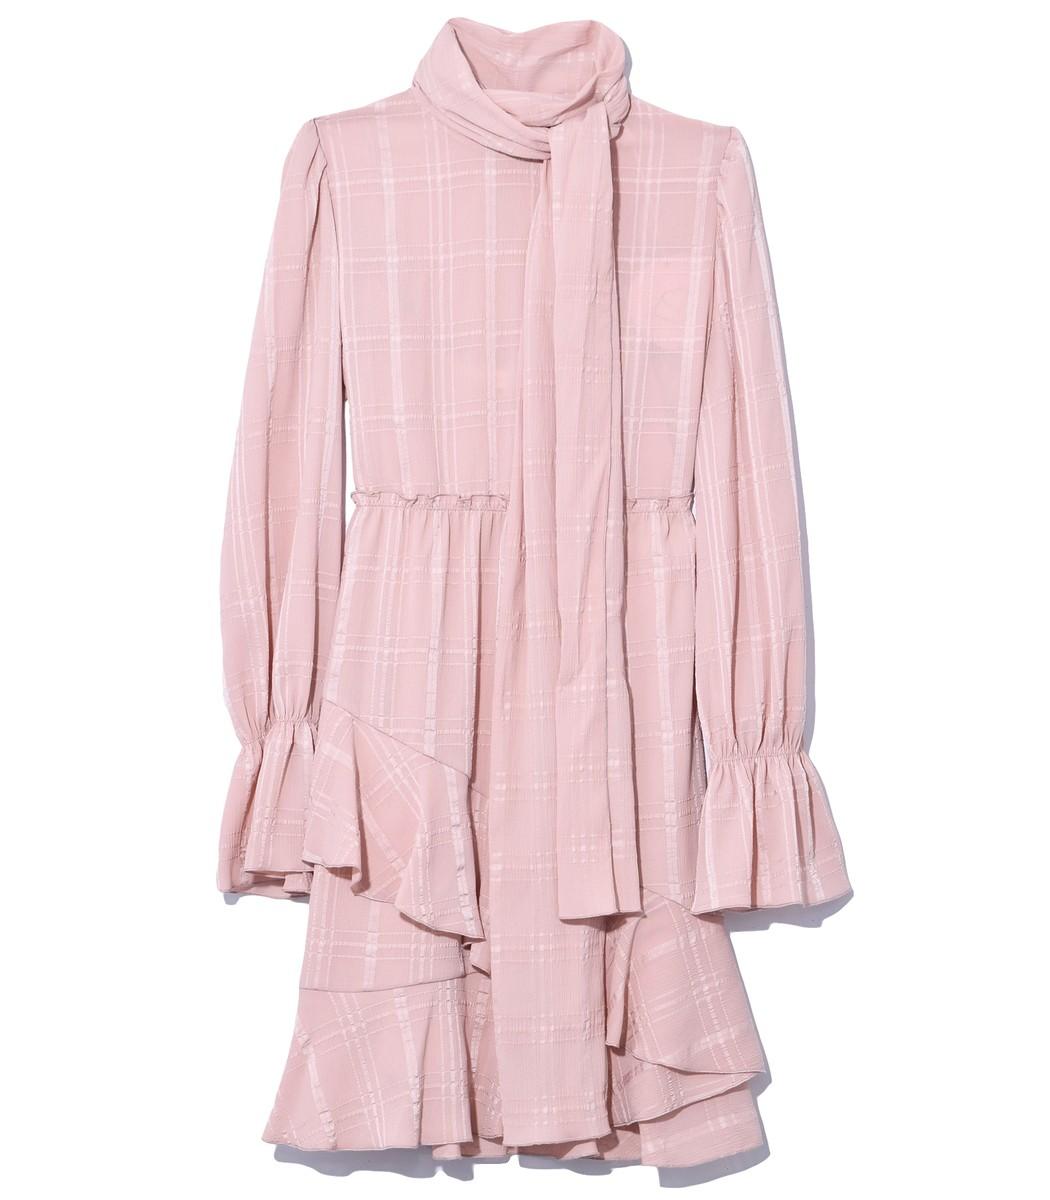 Smoky Pink Ascot Tie Dress